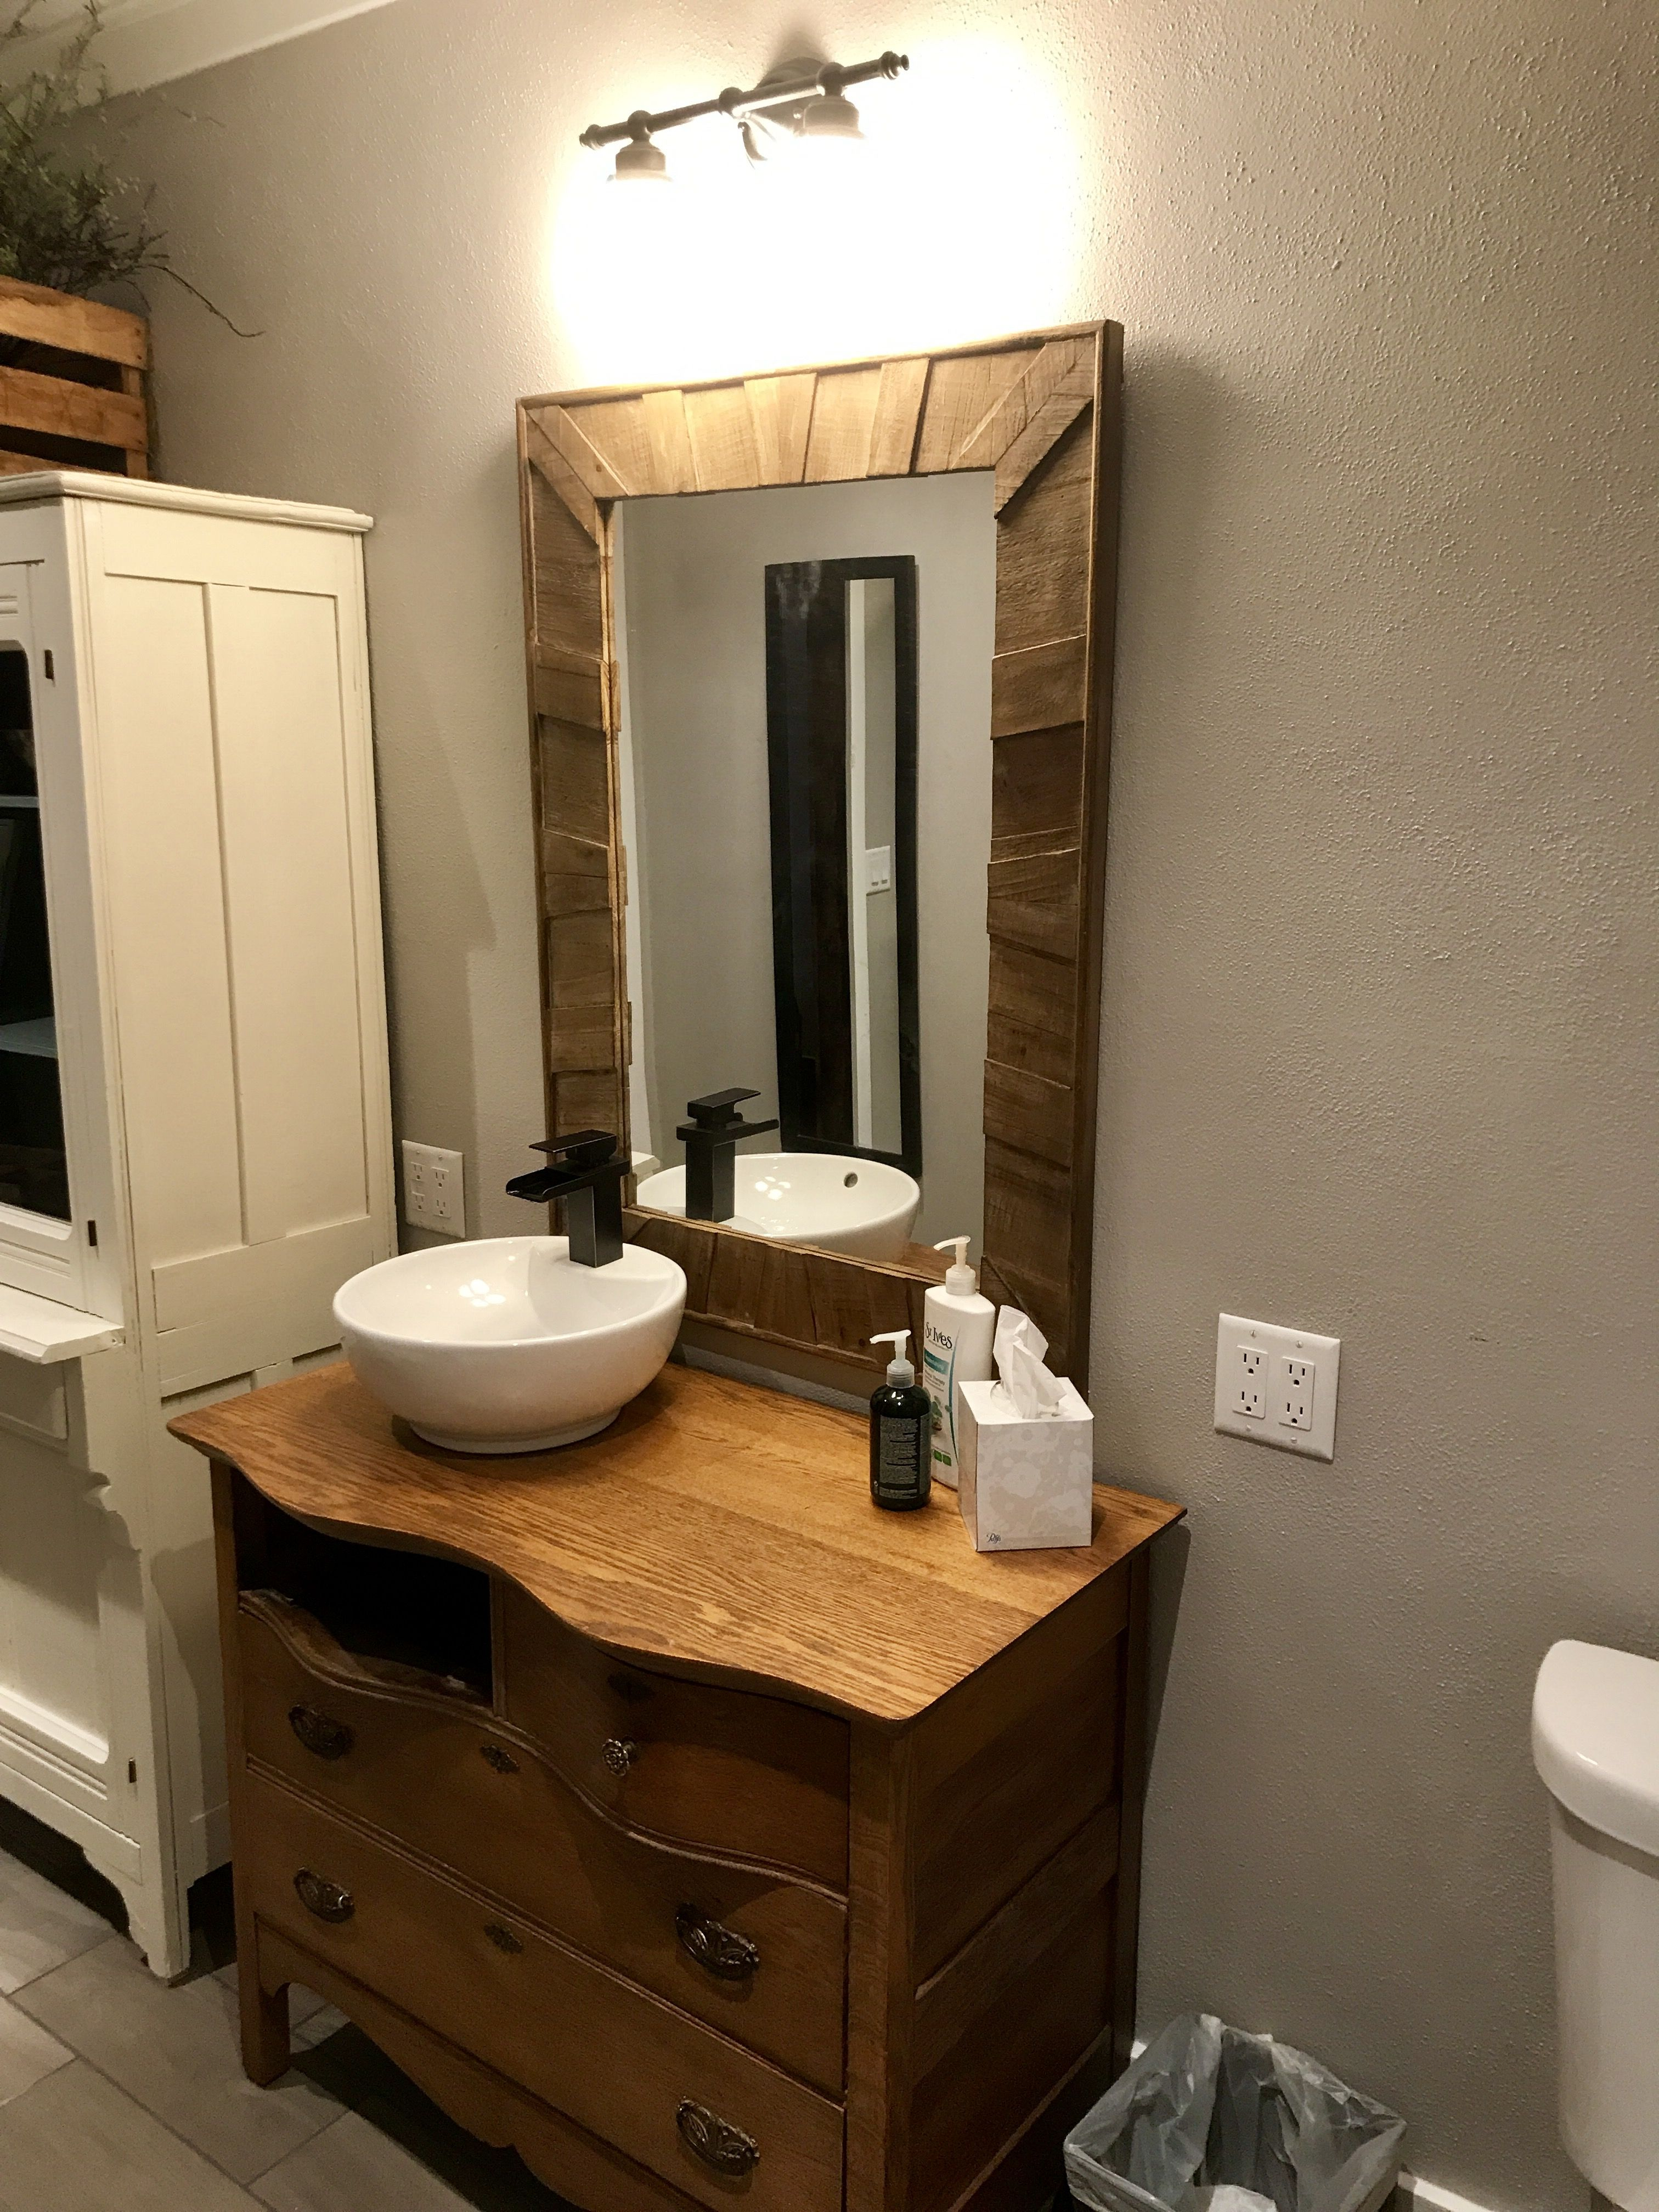 Dresser Vanity Vessel Sink Bathroom Vanity Vessel Sink Bathroom Diy Bathroom Remodel